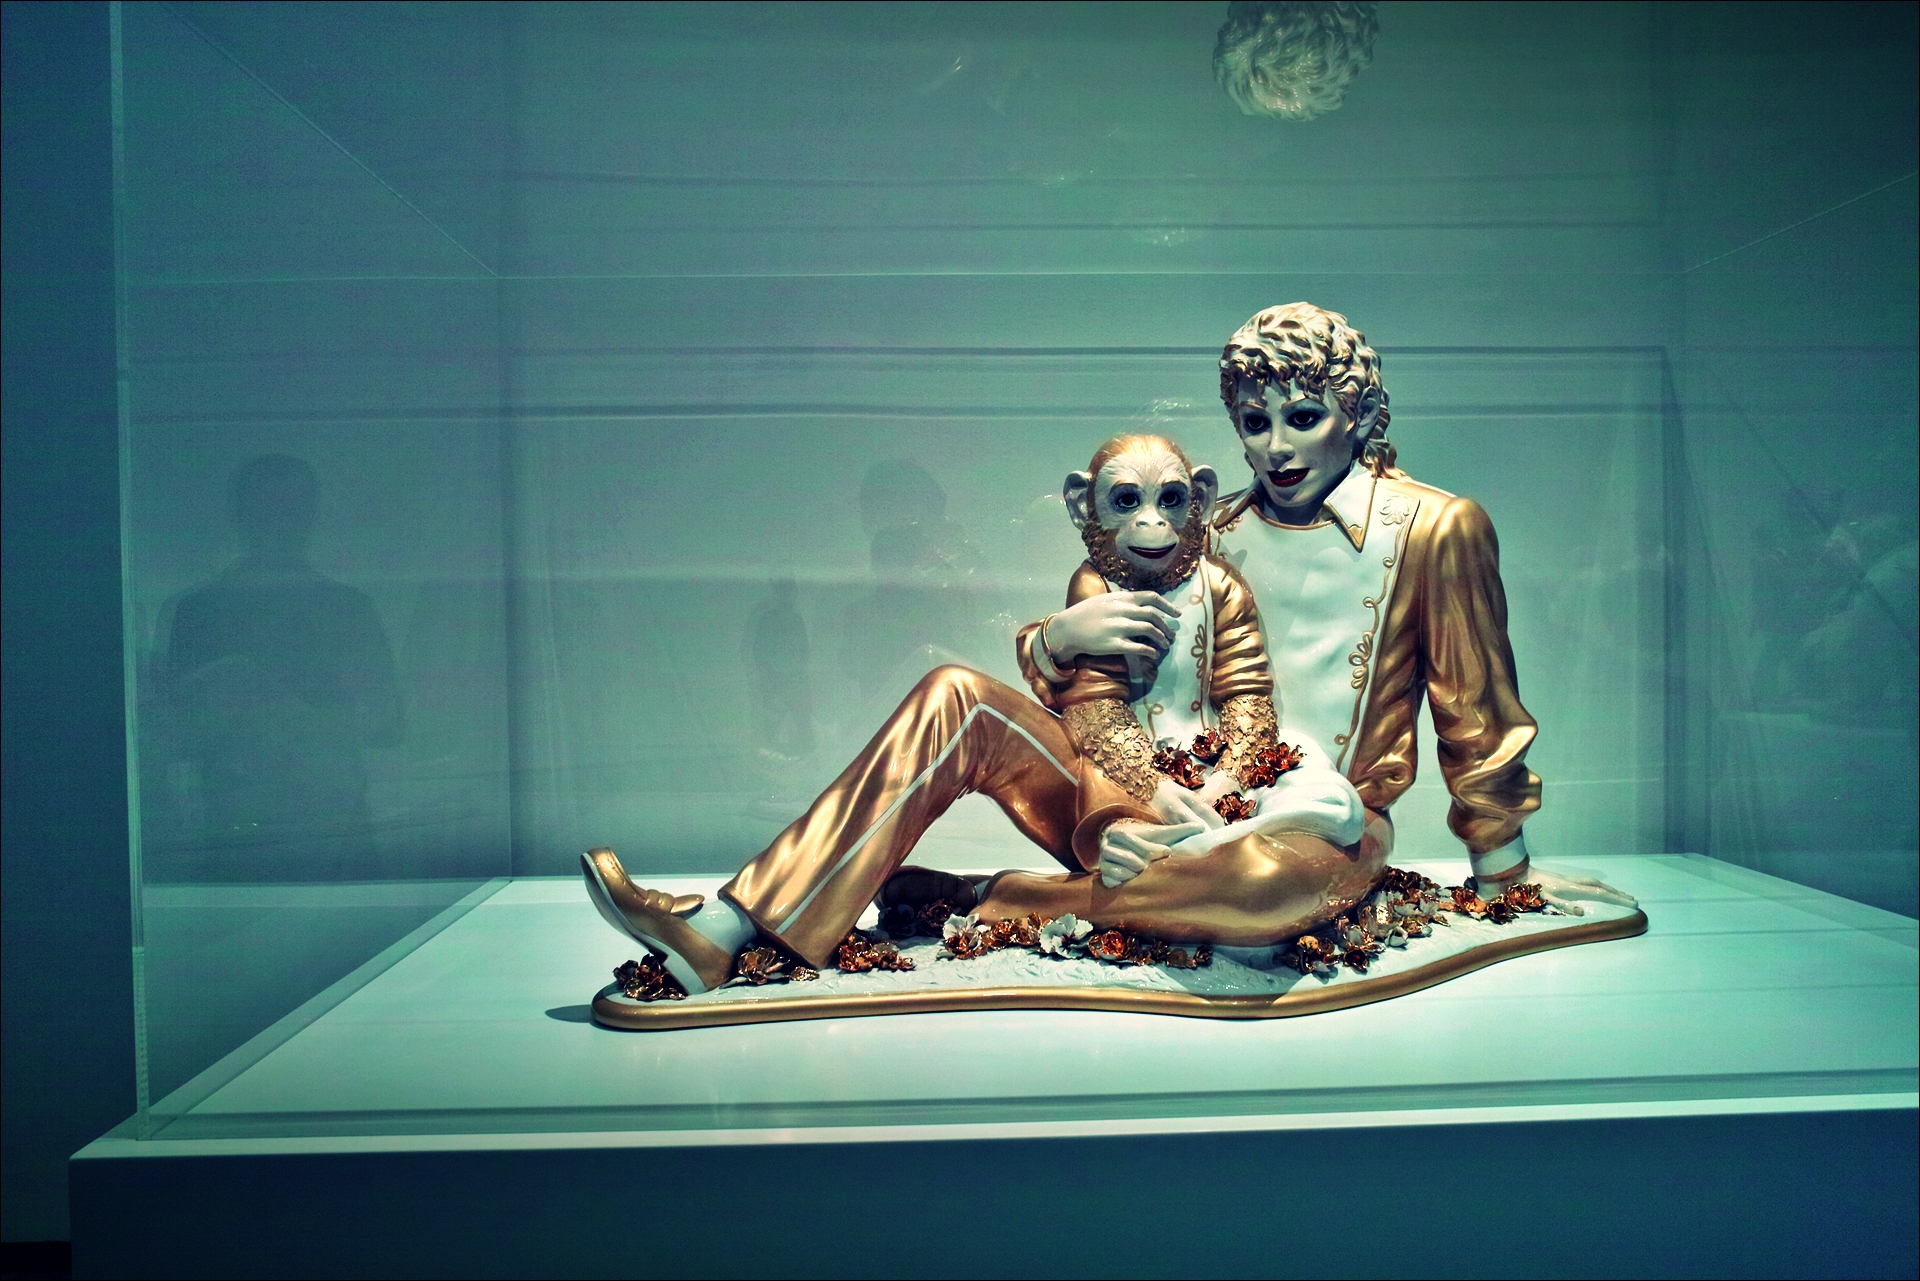 마이클 잭슨-'빌바오 구겐하임 미술관 Guggenheim museum bilbao'